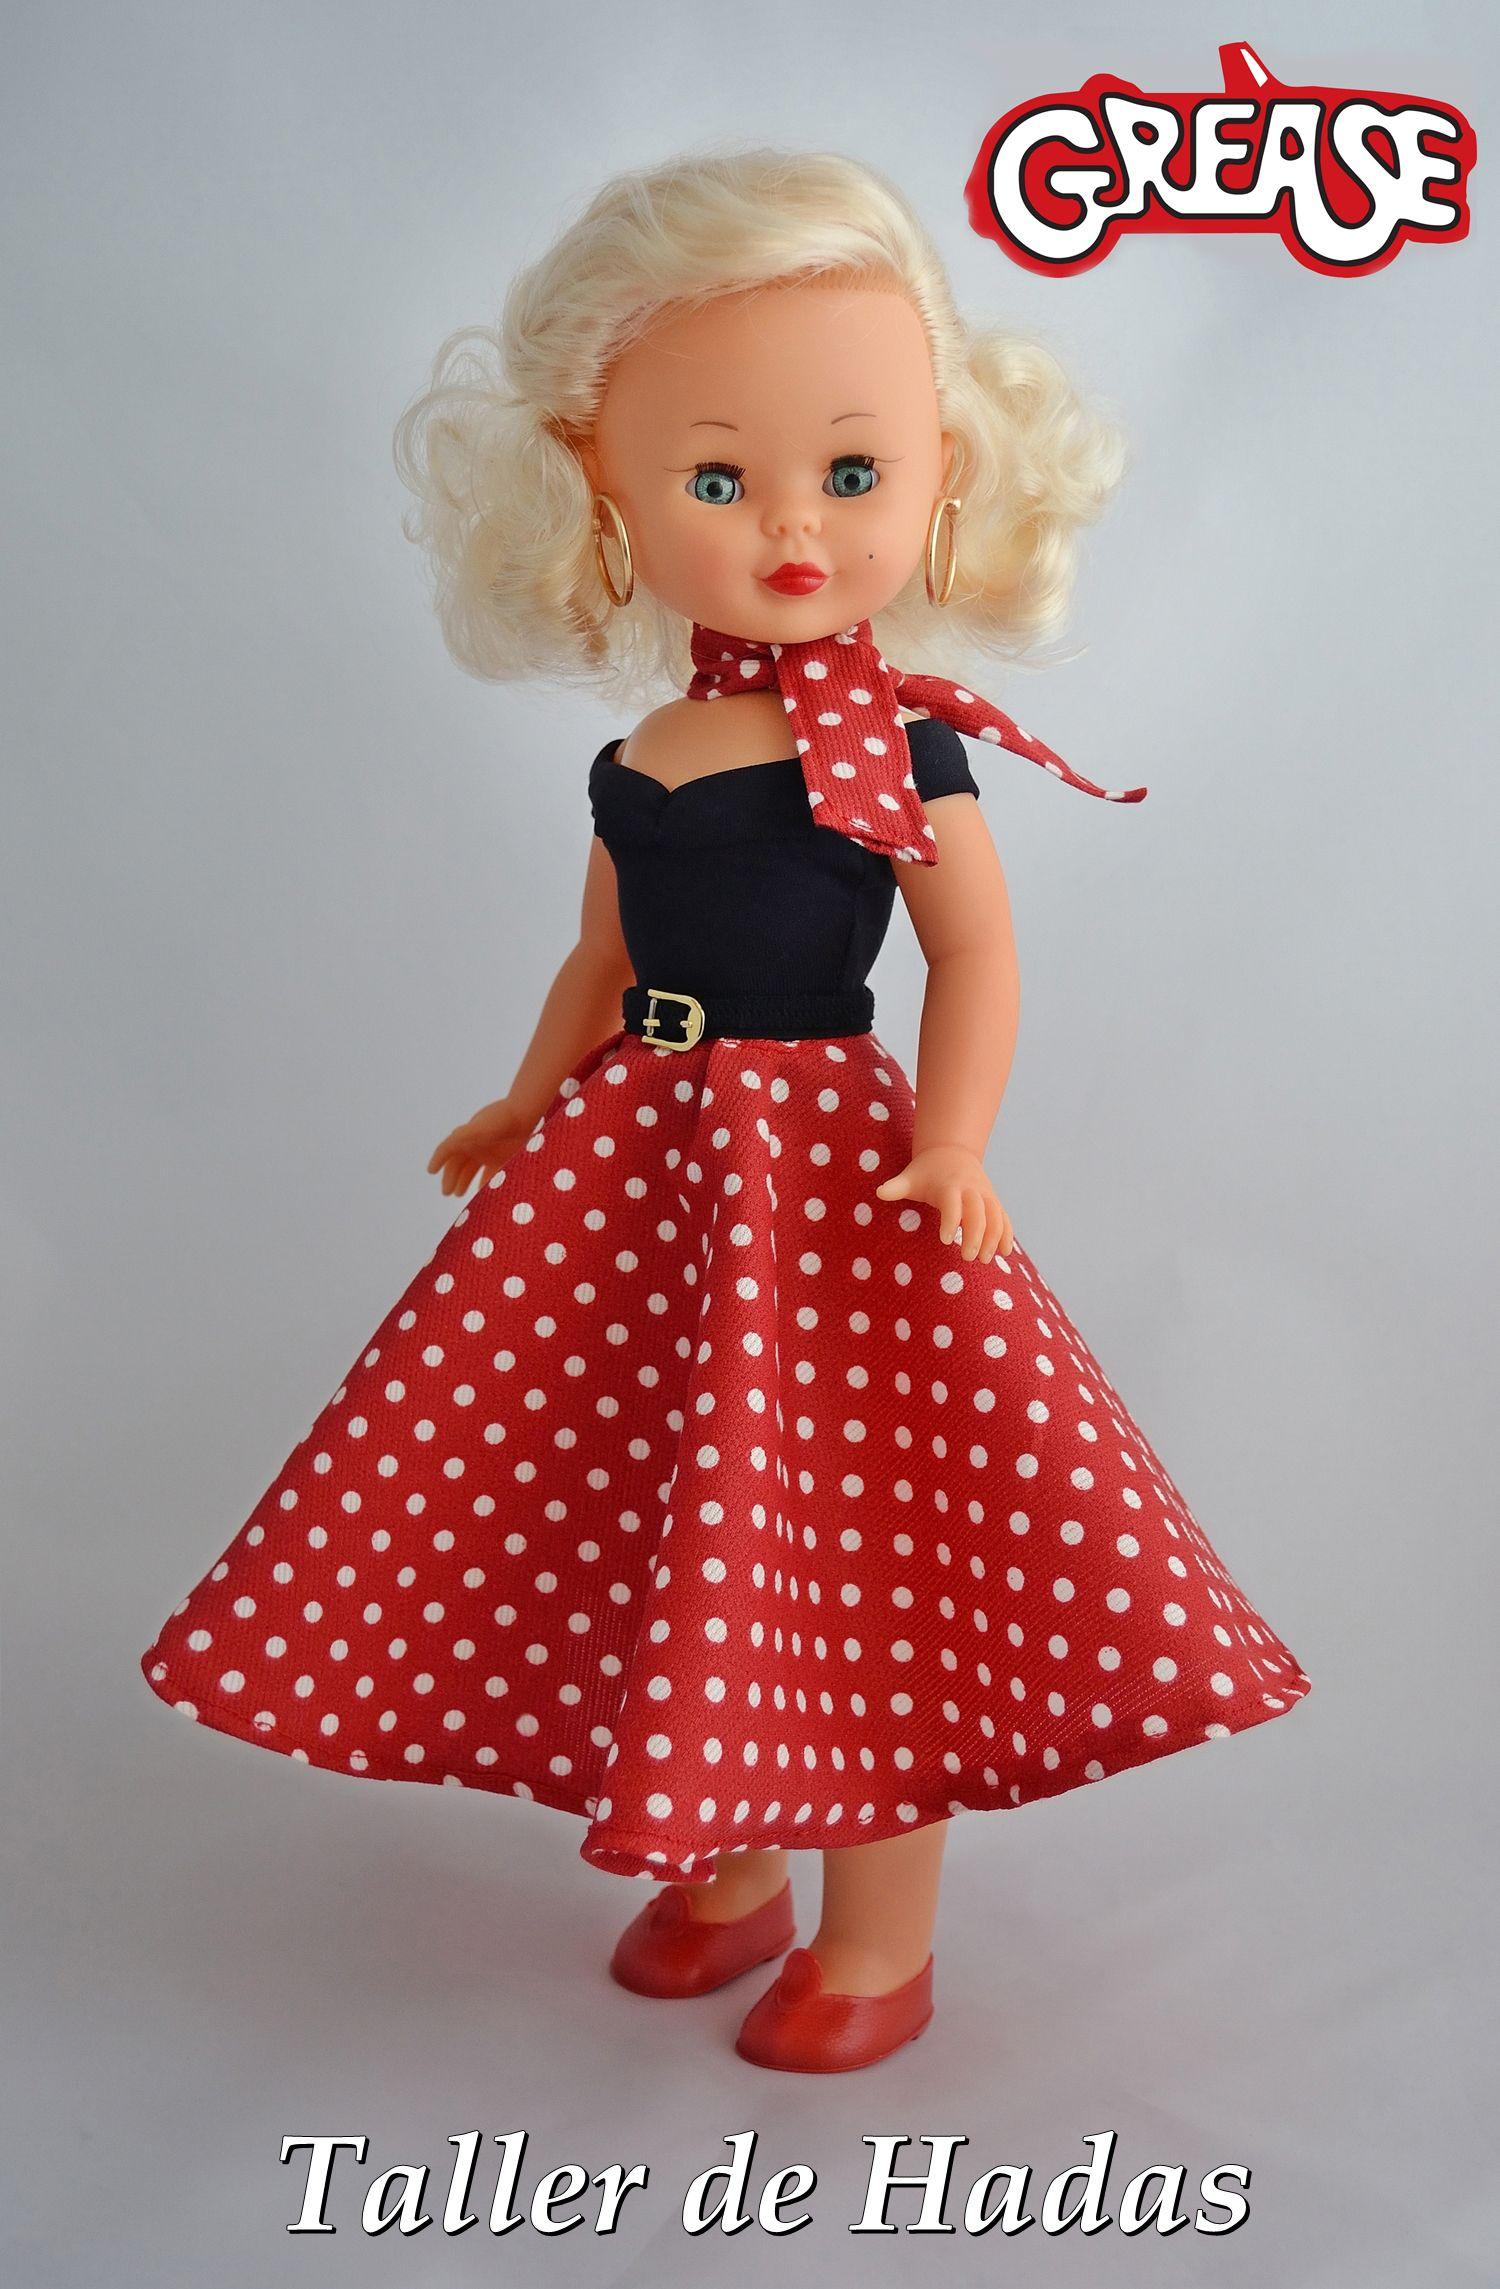 ¡Vuelta a los años 50 con Nancy Diva!